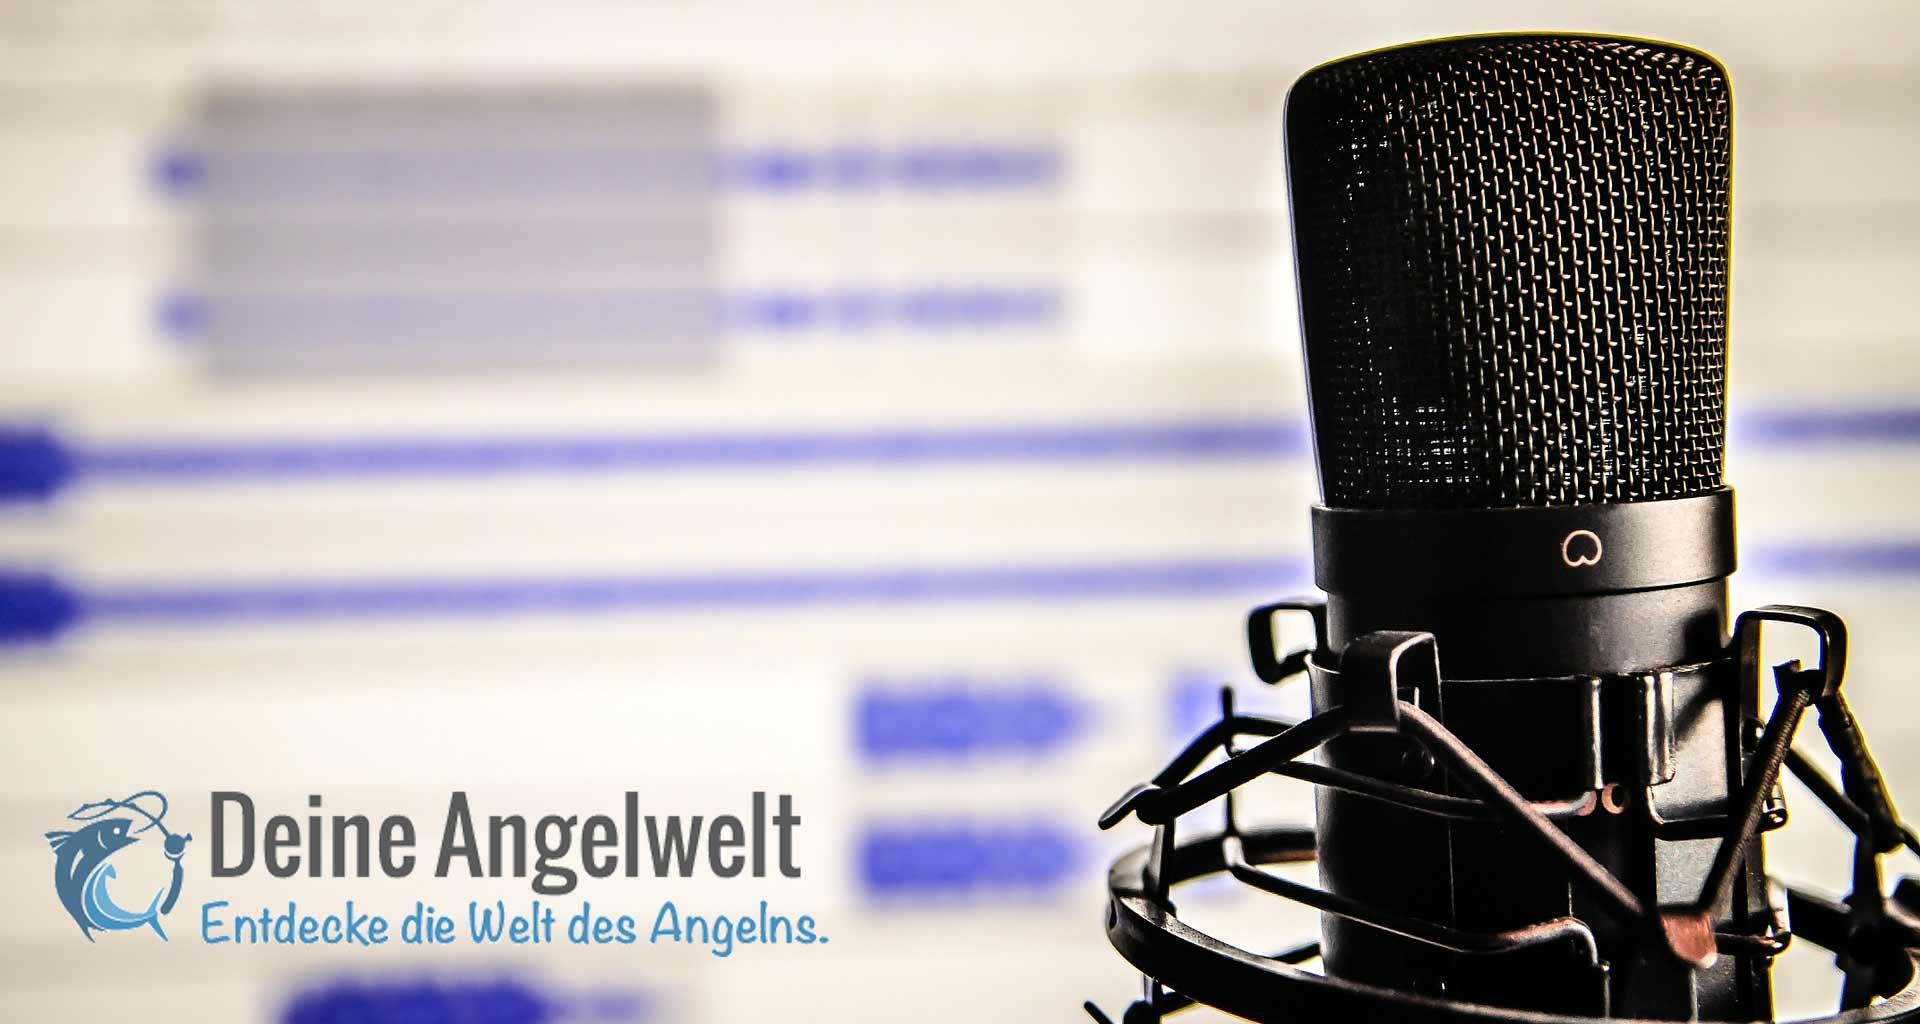 Angeln Podcast - Spannende Themen rund ums Angeln